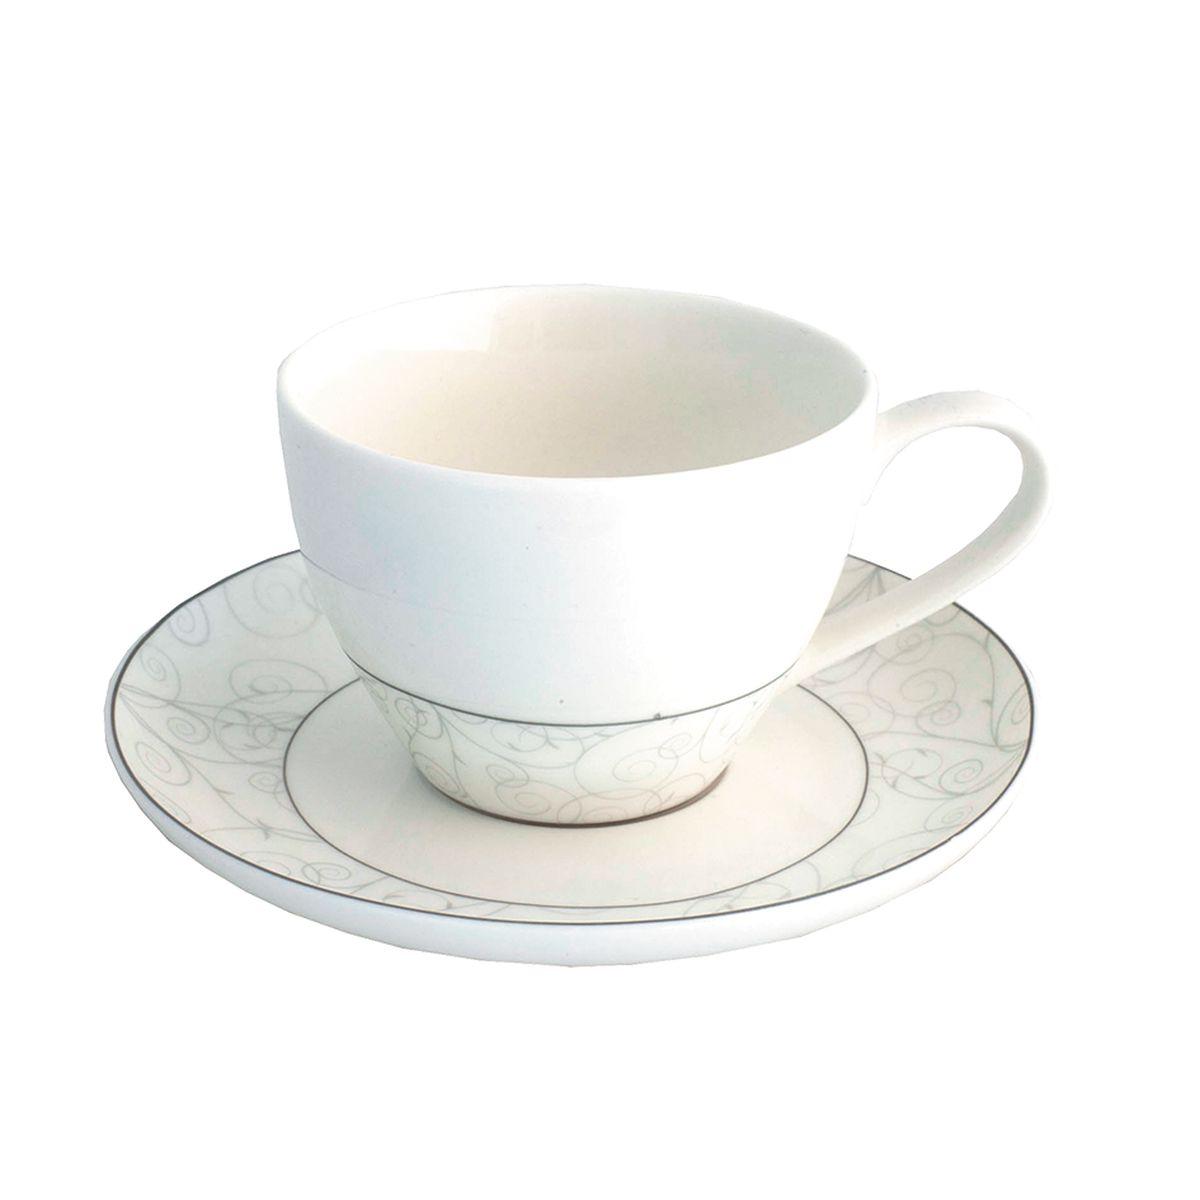 Набор чайный Esprado Florestina, 12 предметовFLO031SE304Чайный набор Esprado Florestina состоит из шести чашек и шести блюдец, изготовленных из высококачественного костяного фарфора. Над созданием дизайна коллекций посуды из фарфора Esprado работает международная команда высококлассных дизайнеров, не только воплощающих в жизнь все новейшие тренды, но также и придерживающихся многовековых традиций при создании классических коллекций. Посуда из костяного фарфора будет идеальным выбором, для тех, кто предпочитает красивую современную посуду из высококачественного материала, которая отличается высокой прочностью и подходит для ежедневного использования. Сдержанный блеск серебра в сочетании с утонченными узорами на идеальном фоне из высококачественного костяного фарфора - европейская изысканность коллекции Florestina даже самый обычный ужин превратит в праздник! Можно использовать в микроволновки печи и мыть в посудомоечной машине.